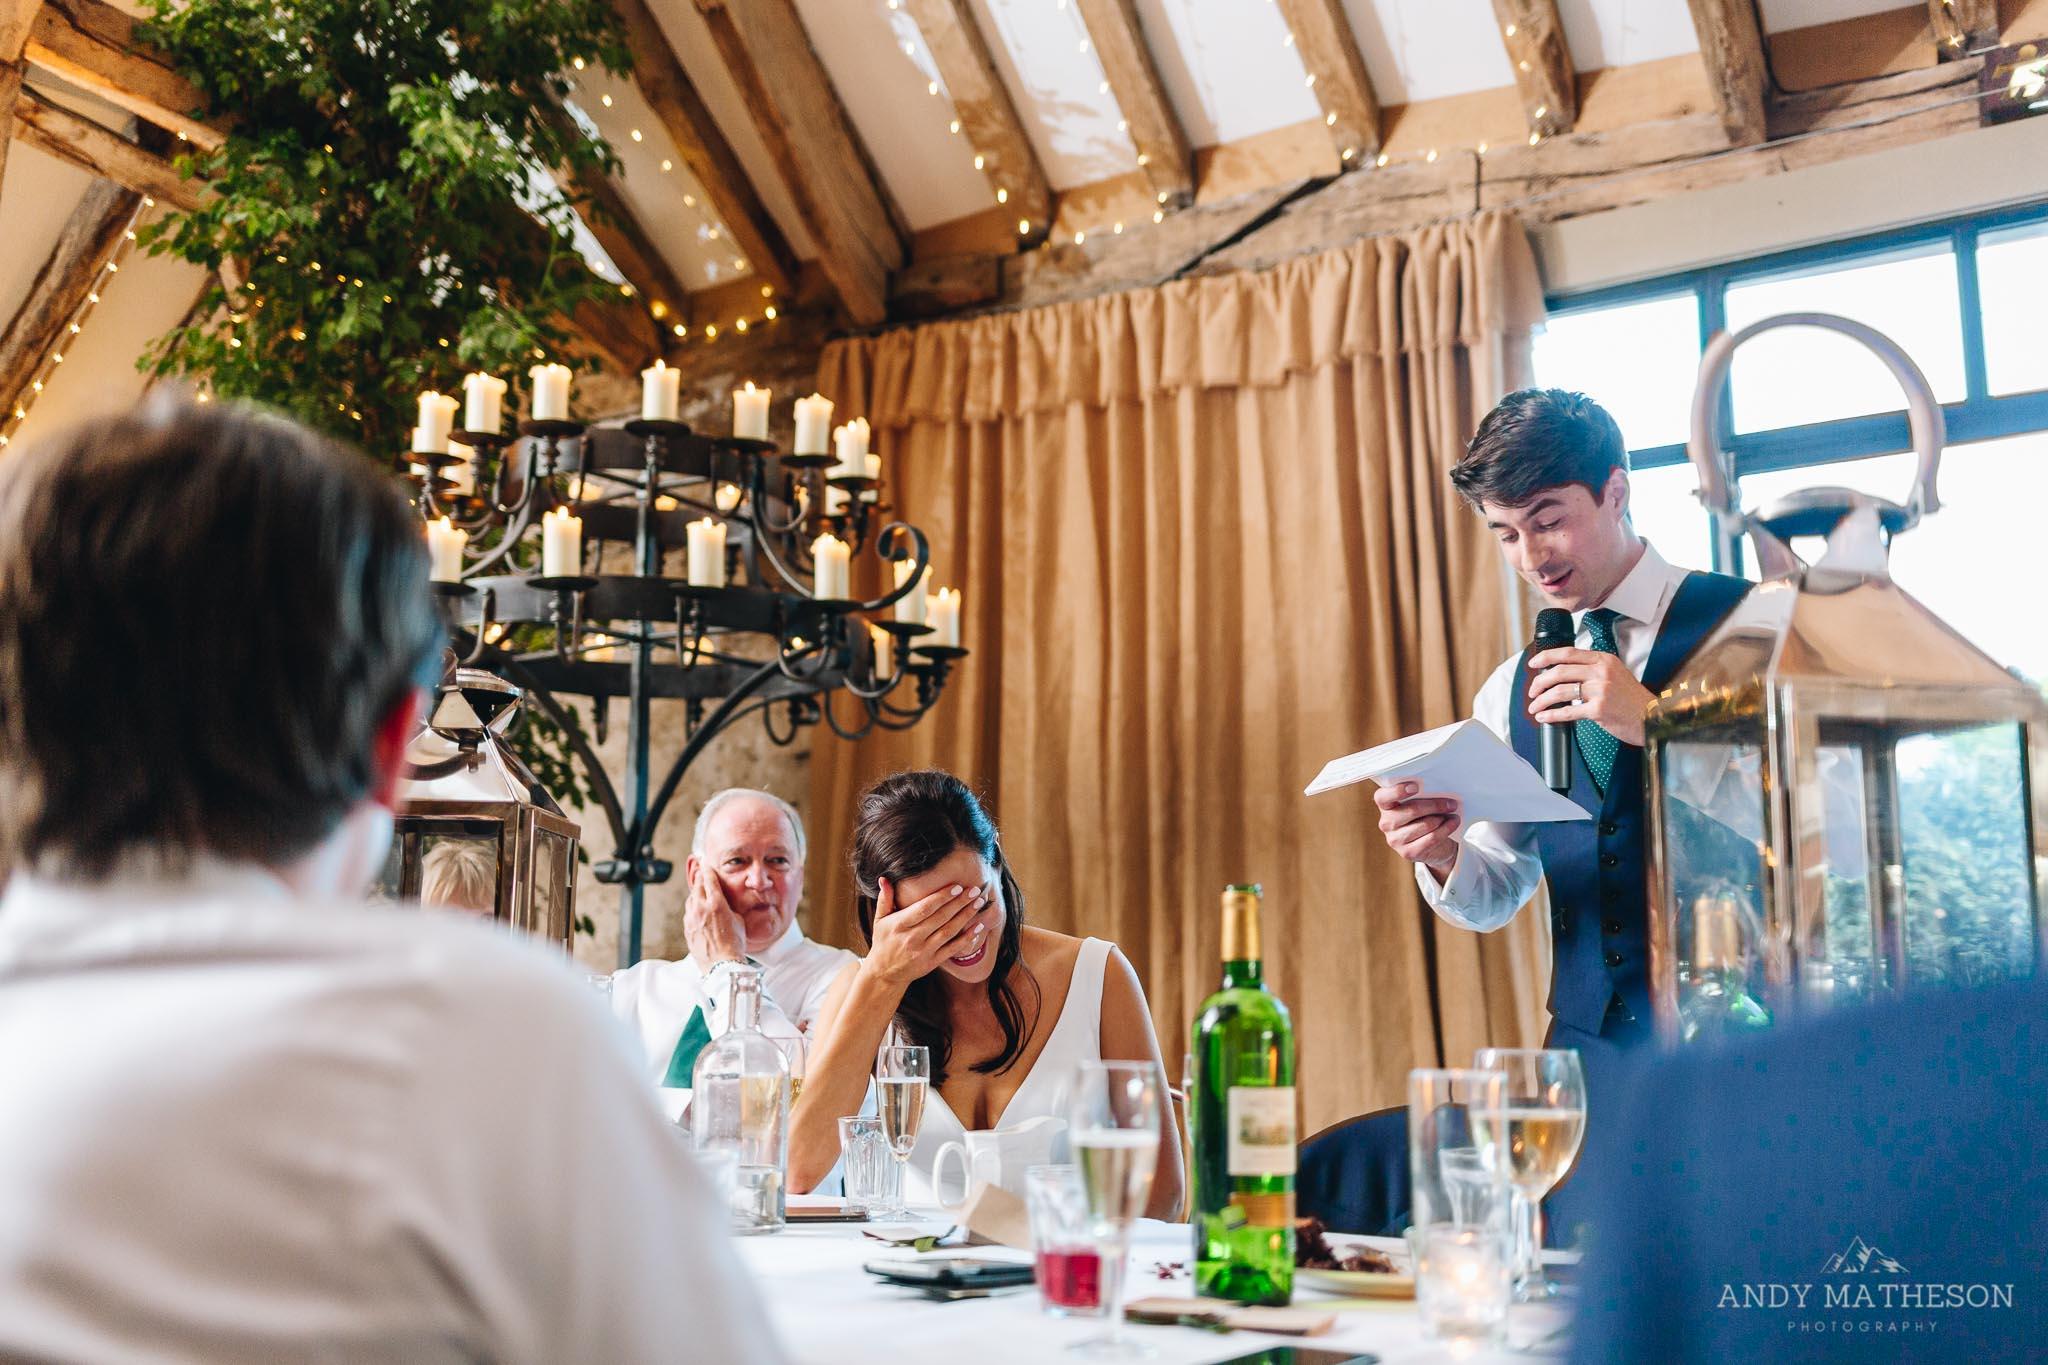 Tithe Barn Bolton Abbey Wedding Photographer_Andy Matheson_083.jpg